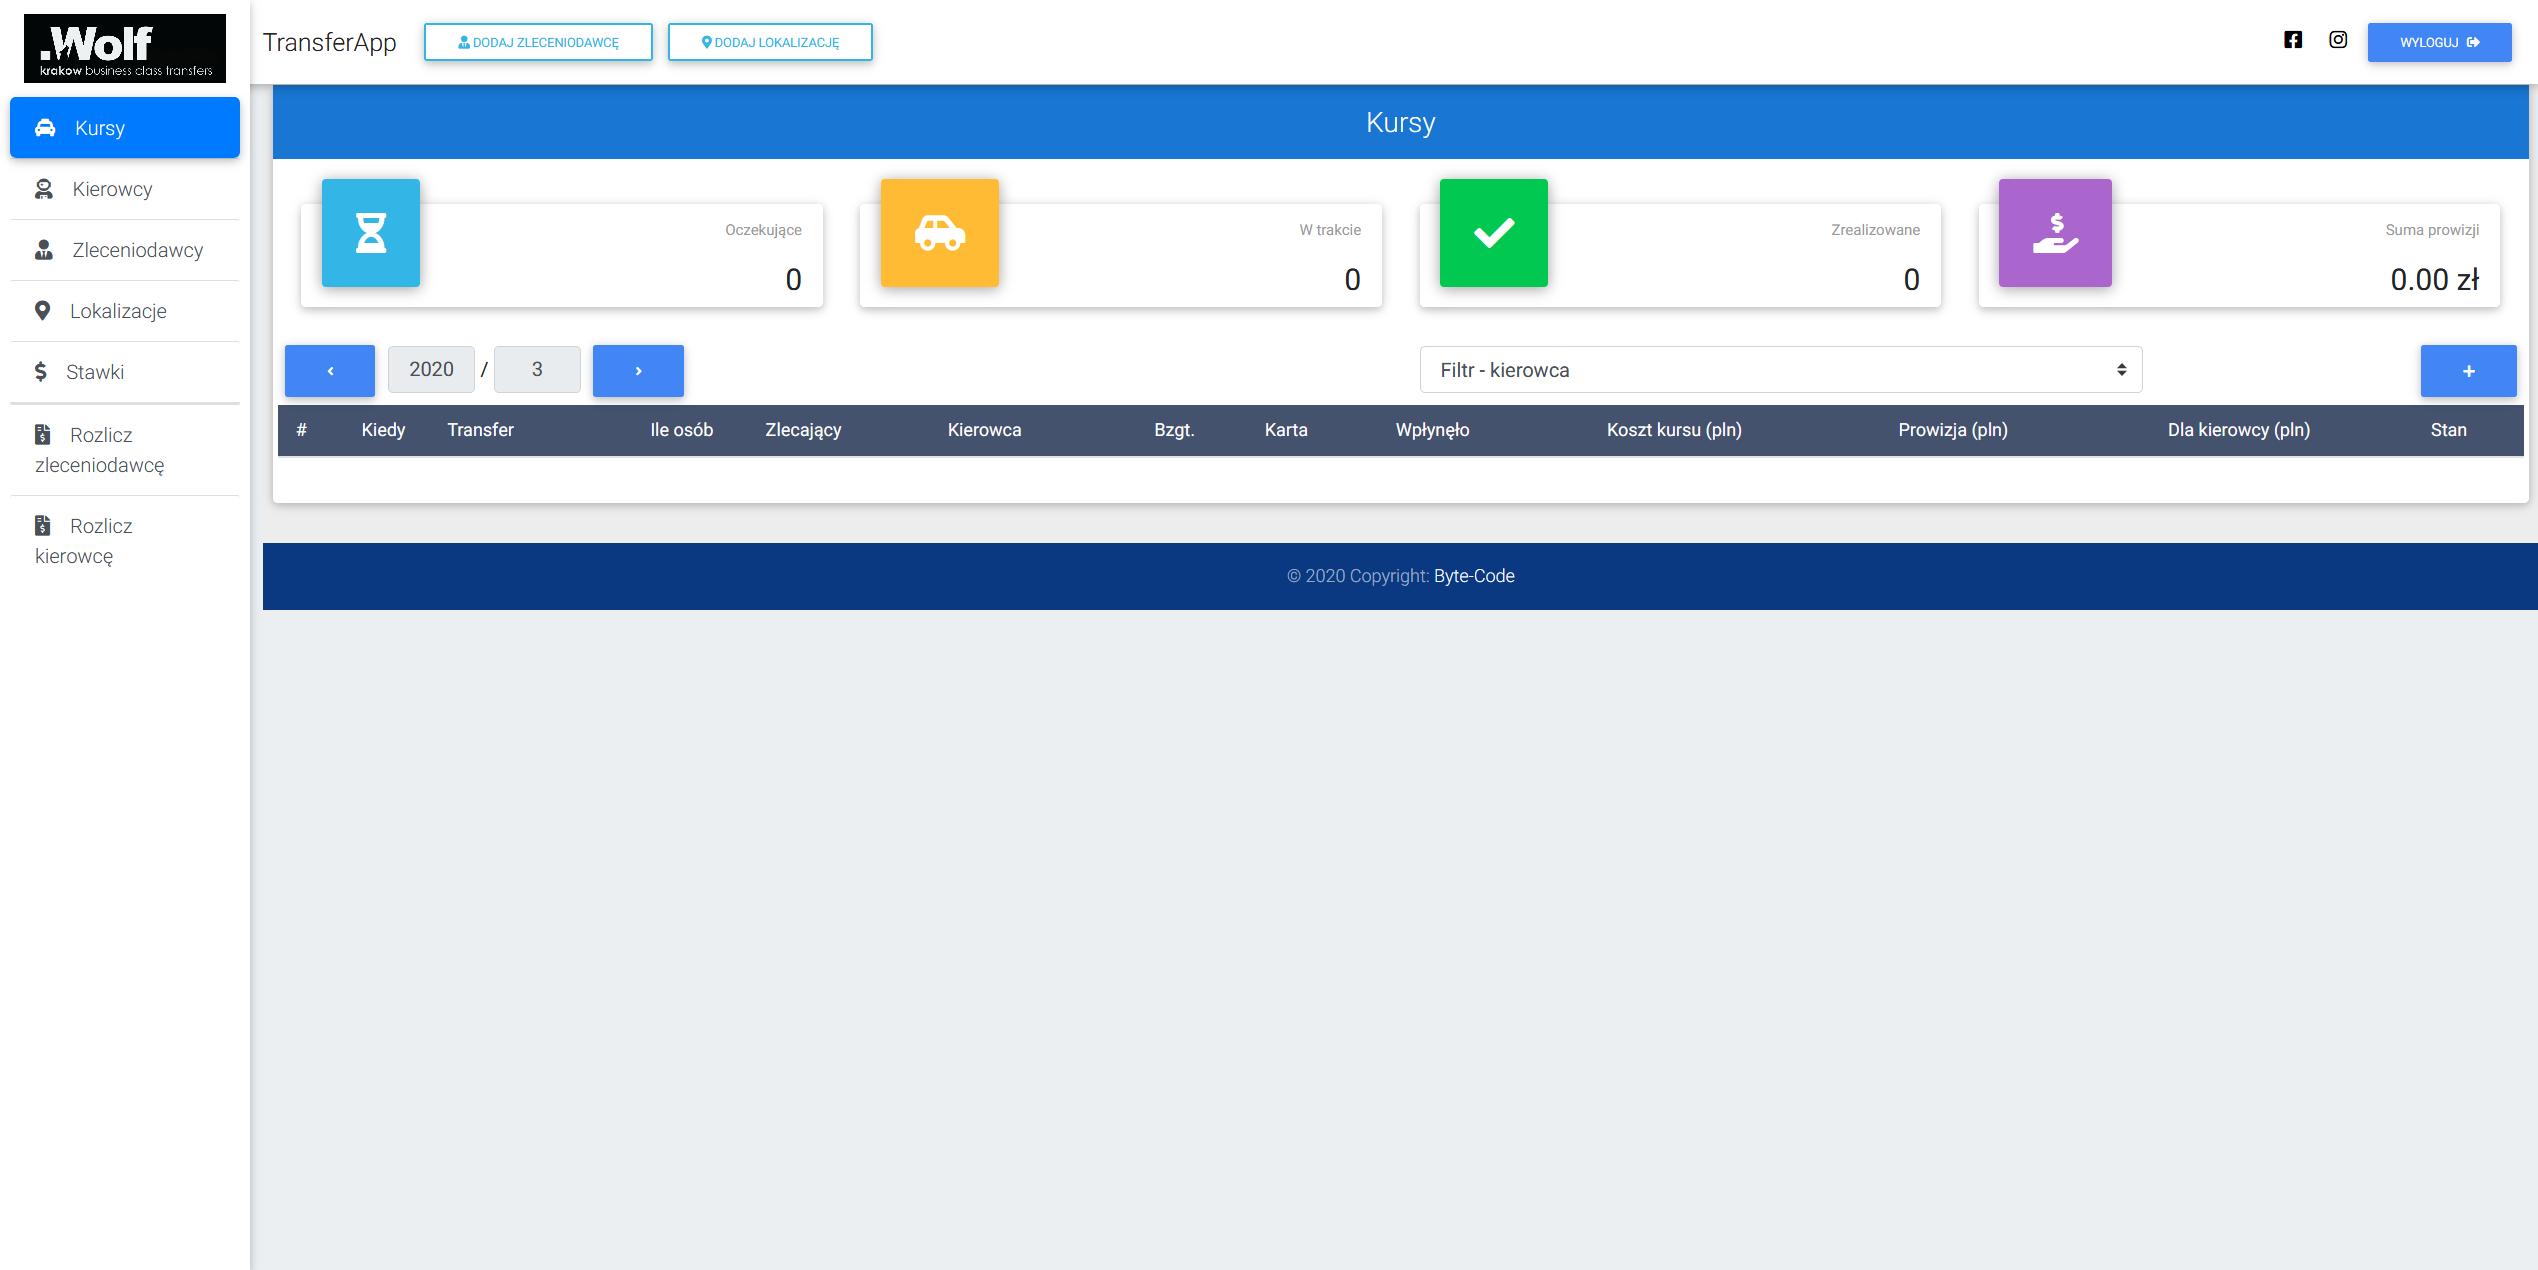 Aplikacja przeglądarkowa dla firmy zajmującej się transferem osób